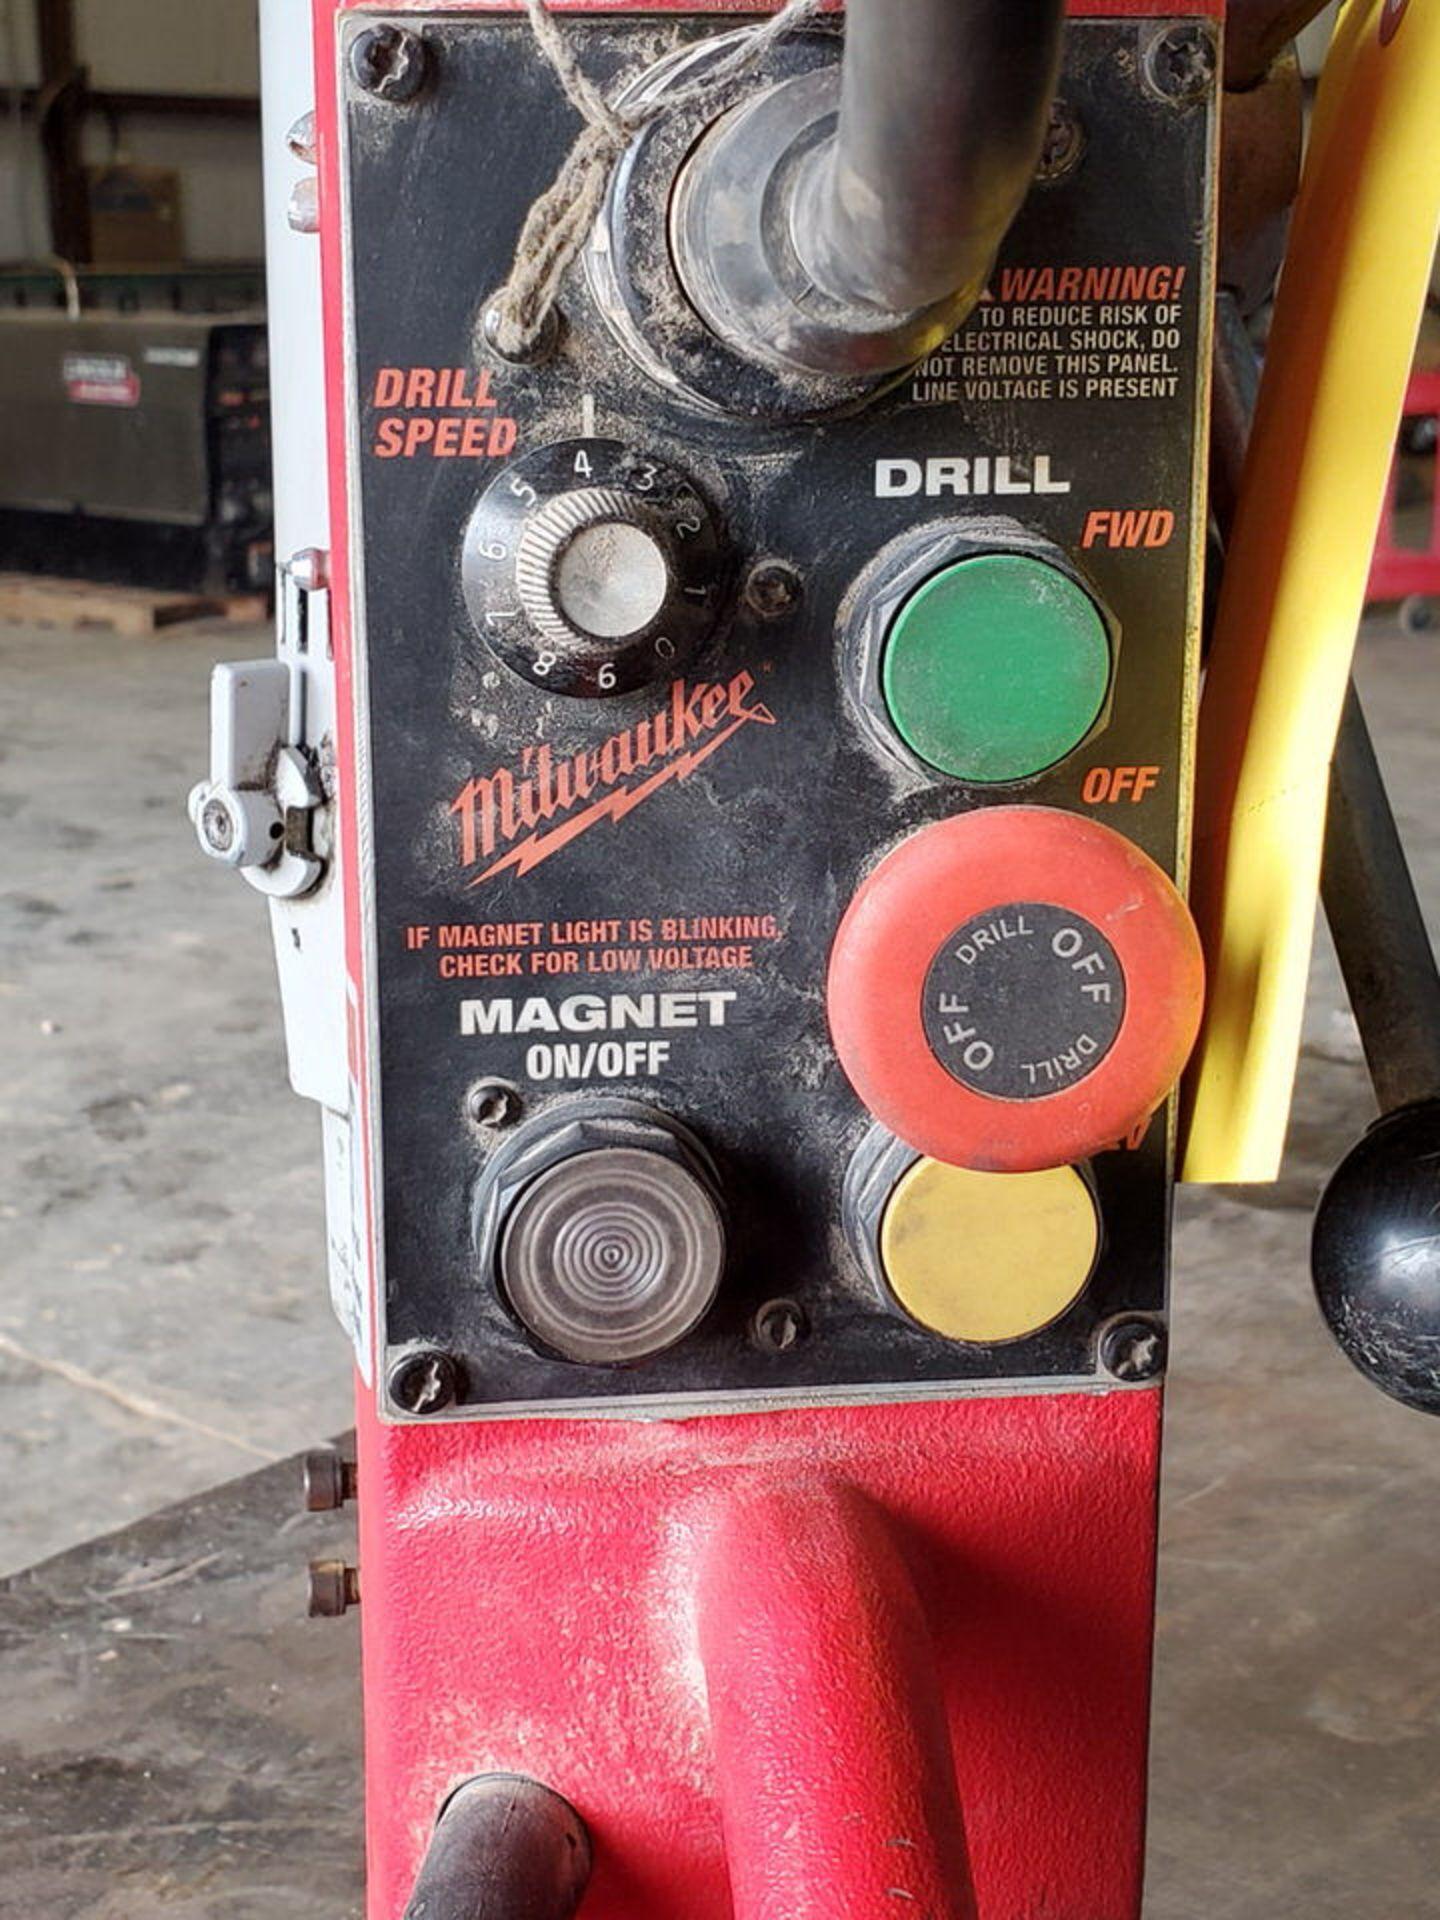 Milwaukee Mag Drill 120V, 12.5A, 60HZ, 250/500RPM - Image 4 of 5